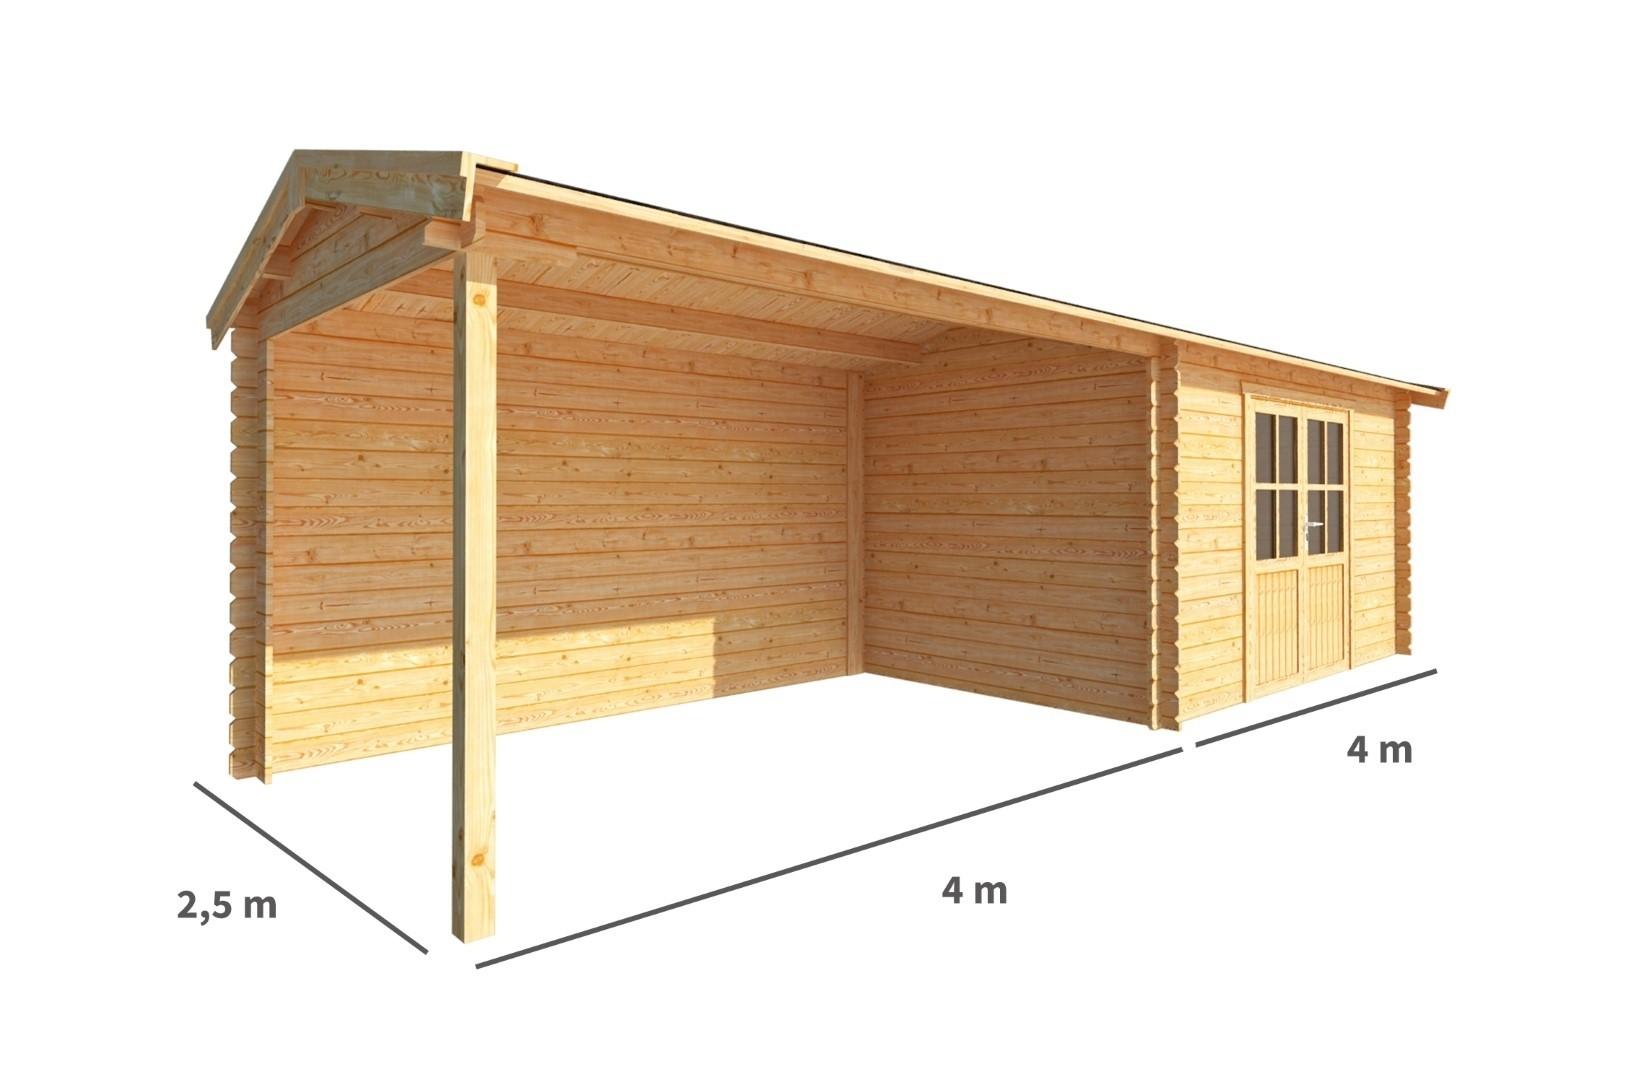 Blokhut met overkapping Fenna 800 cm bij 250 cm diep Zadeldak